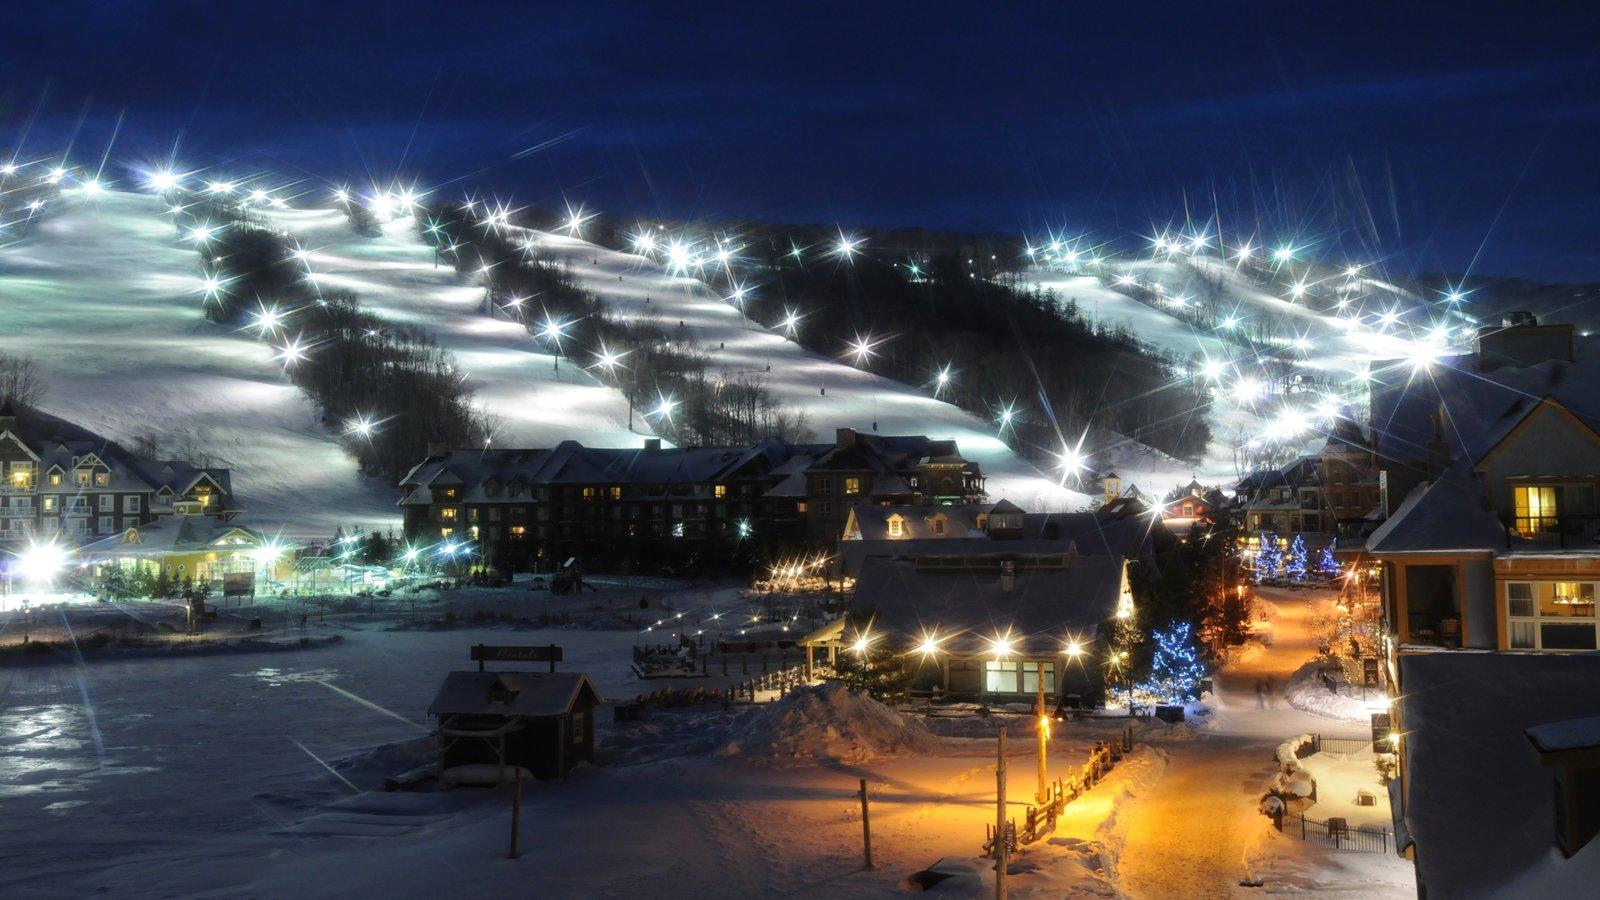 Blue Mountain Ski Resort caracterizando um hotel de luxo ou resort, uma cidade pequena ou vila e neve